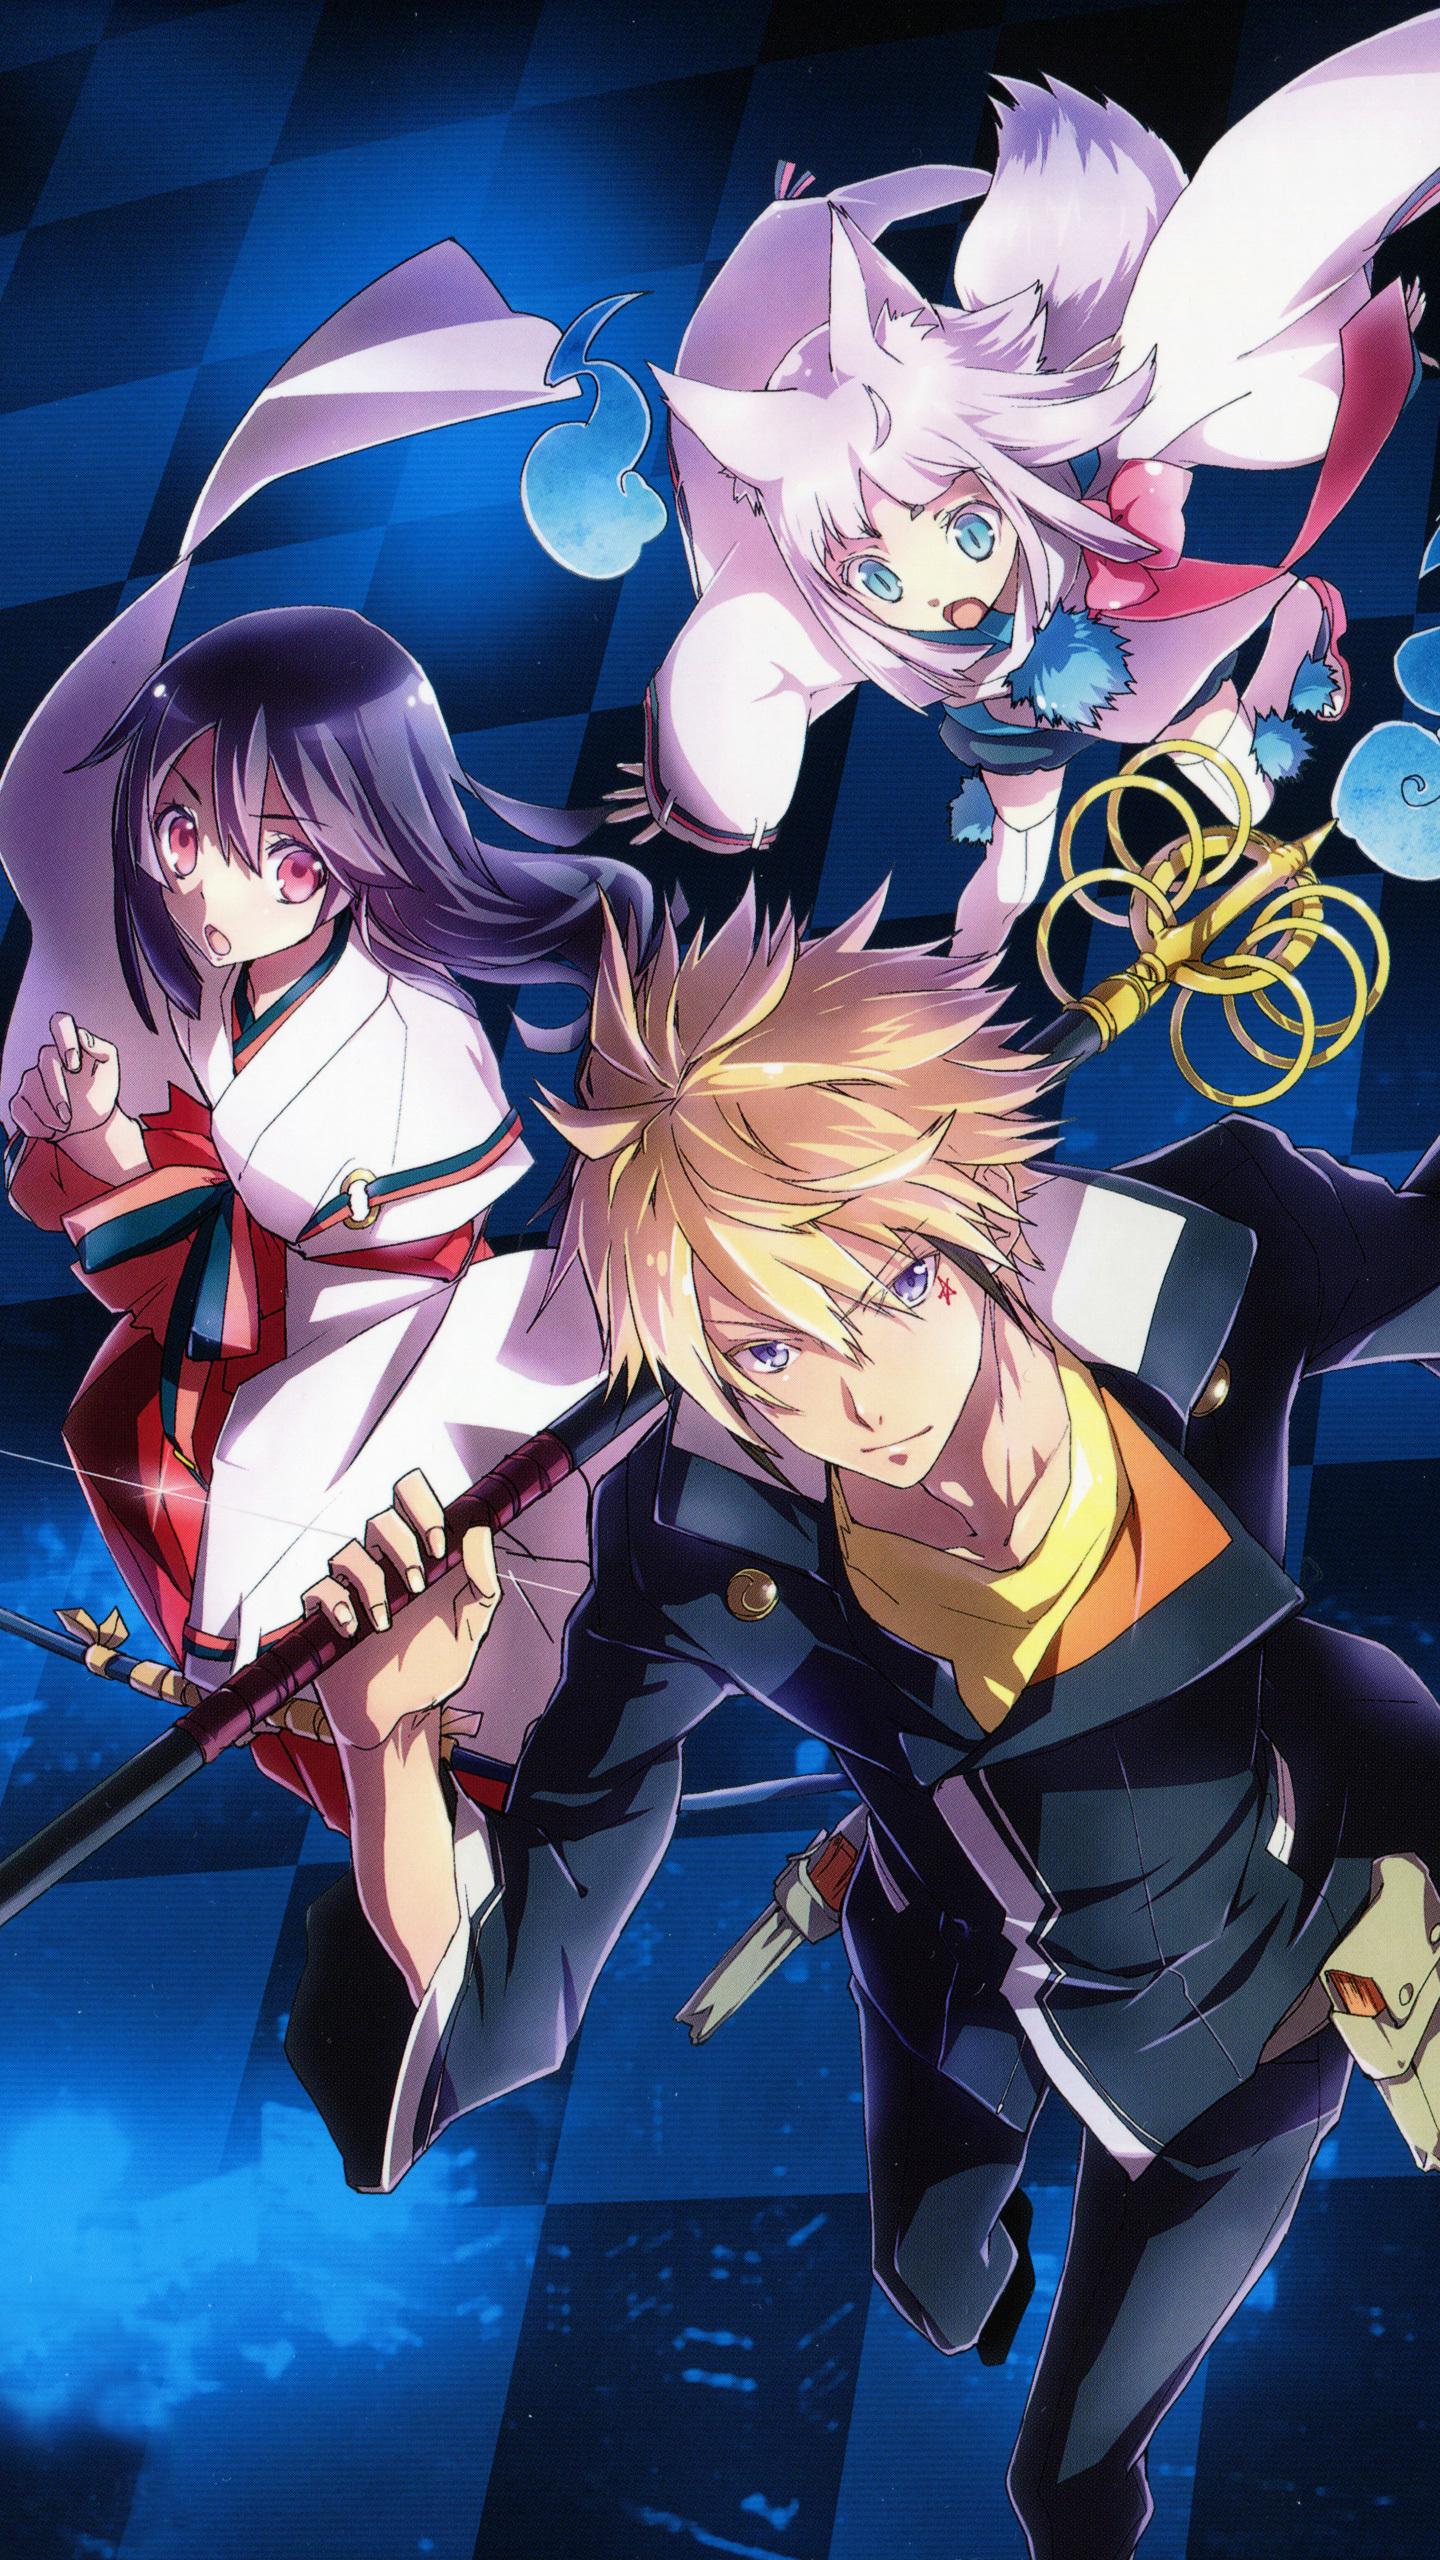 Anime Mobile Wallpaper - Album on Imgur